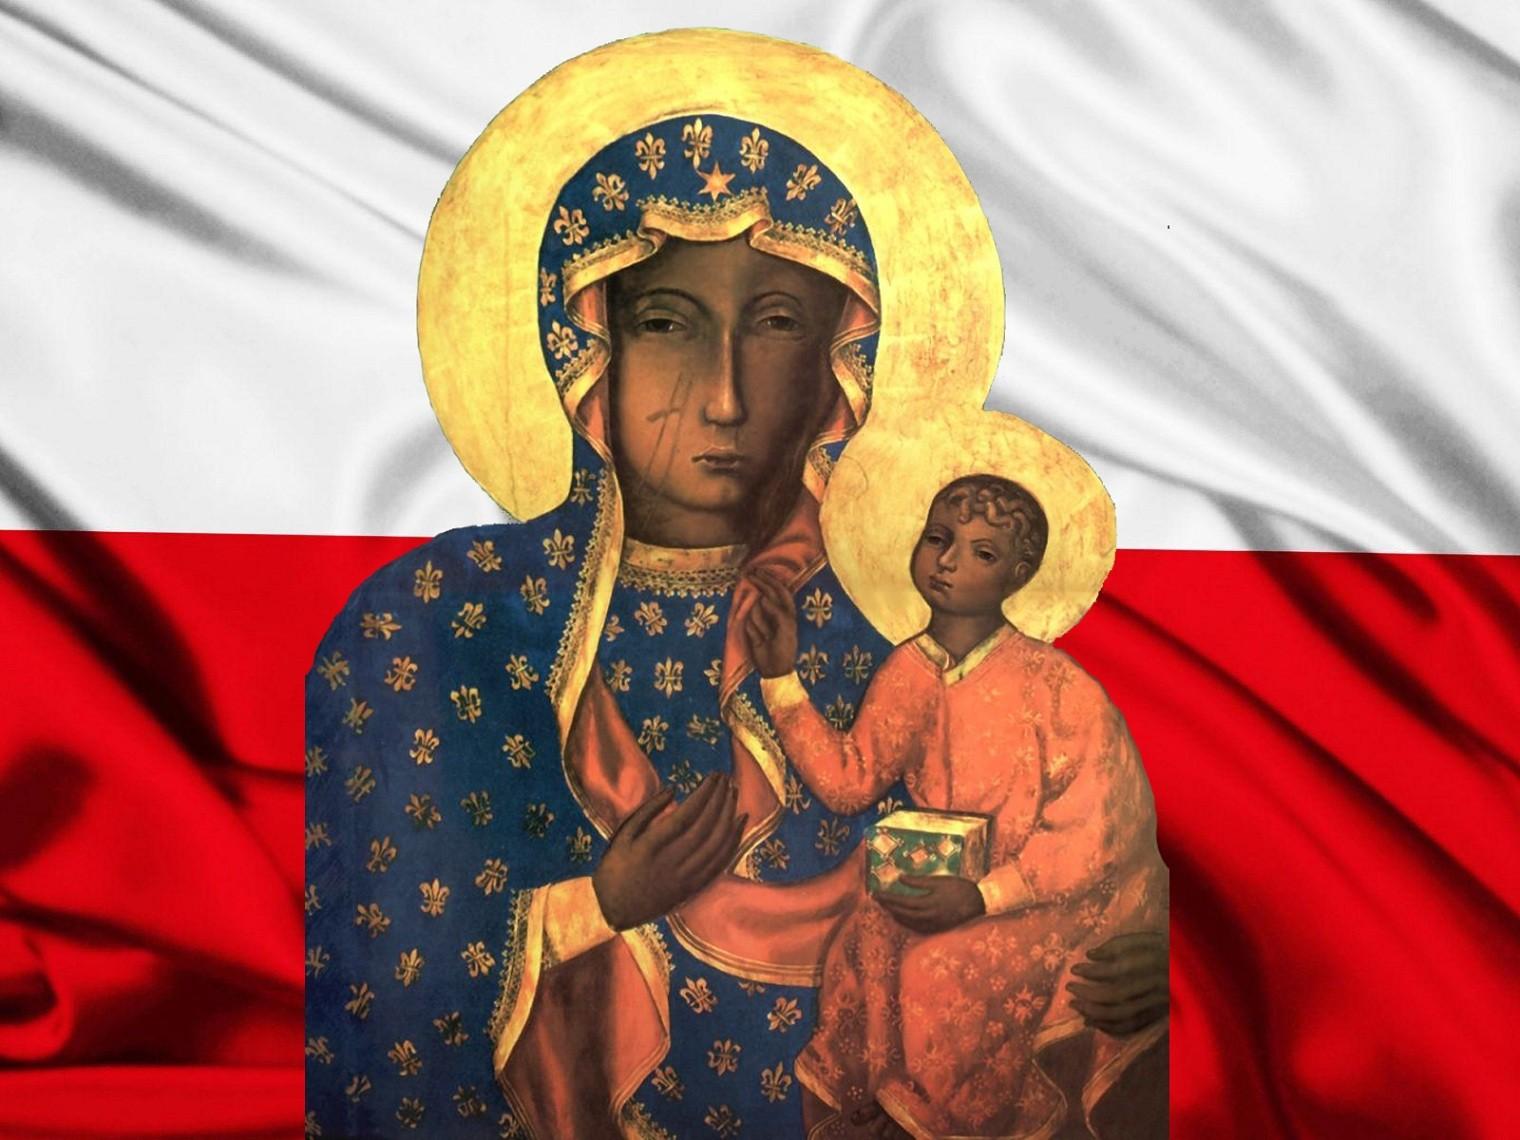 W dzień 2 maja przypada zarówno uroczystość NMP Królowej Polski jak i pierwsza sobota maja